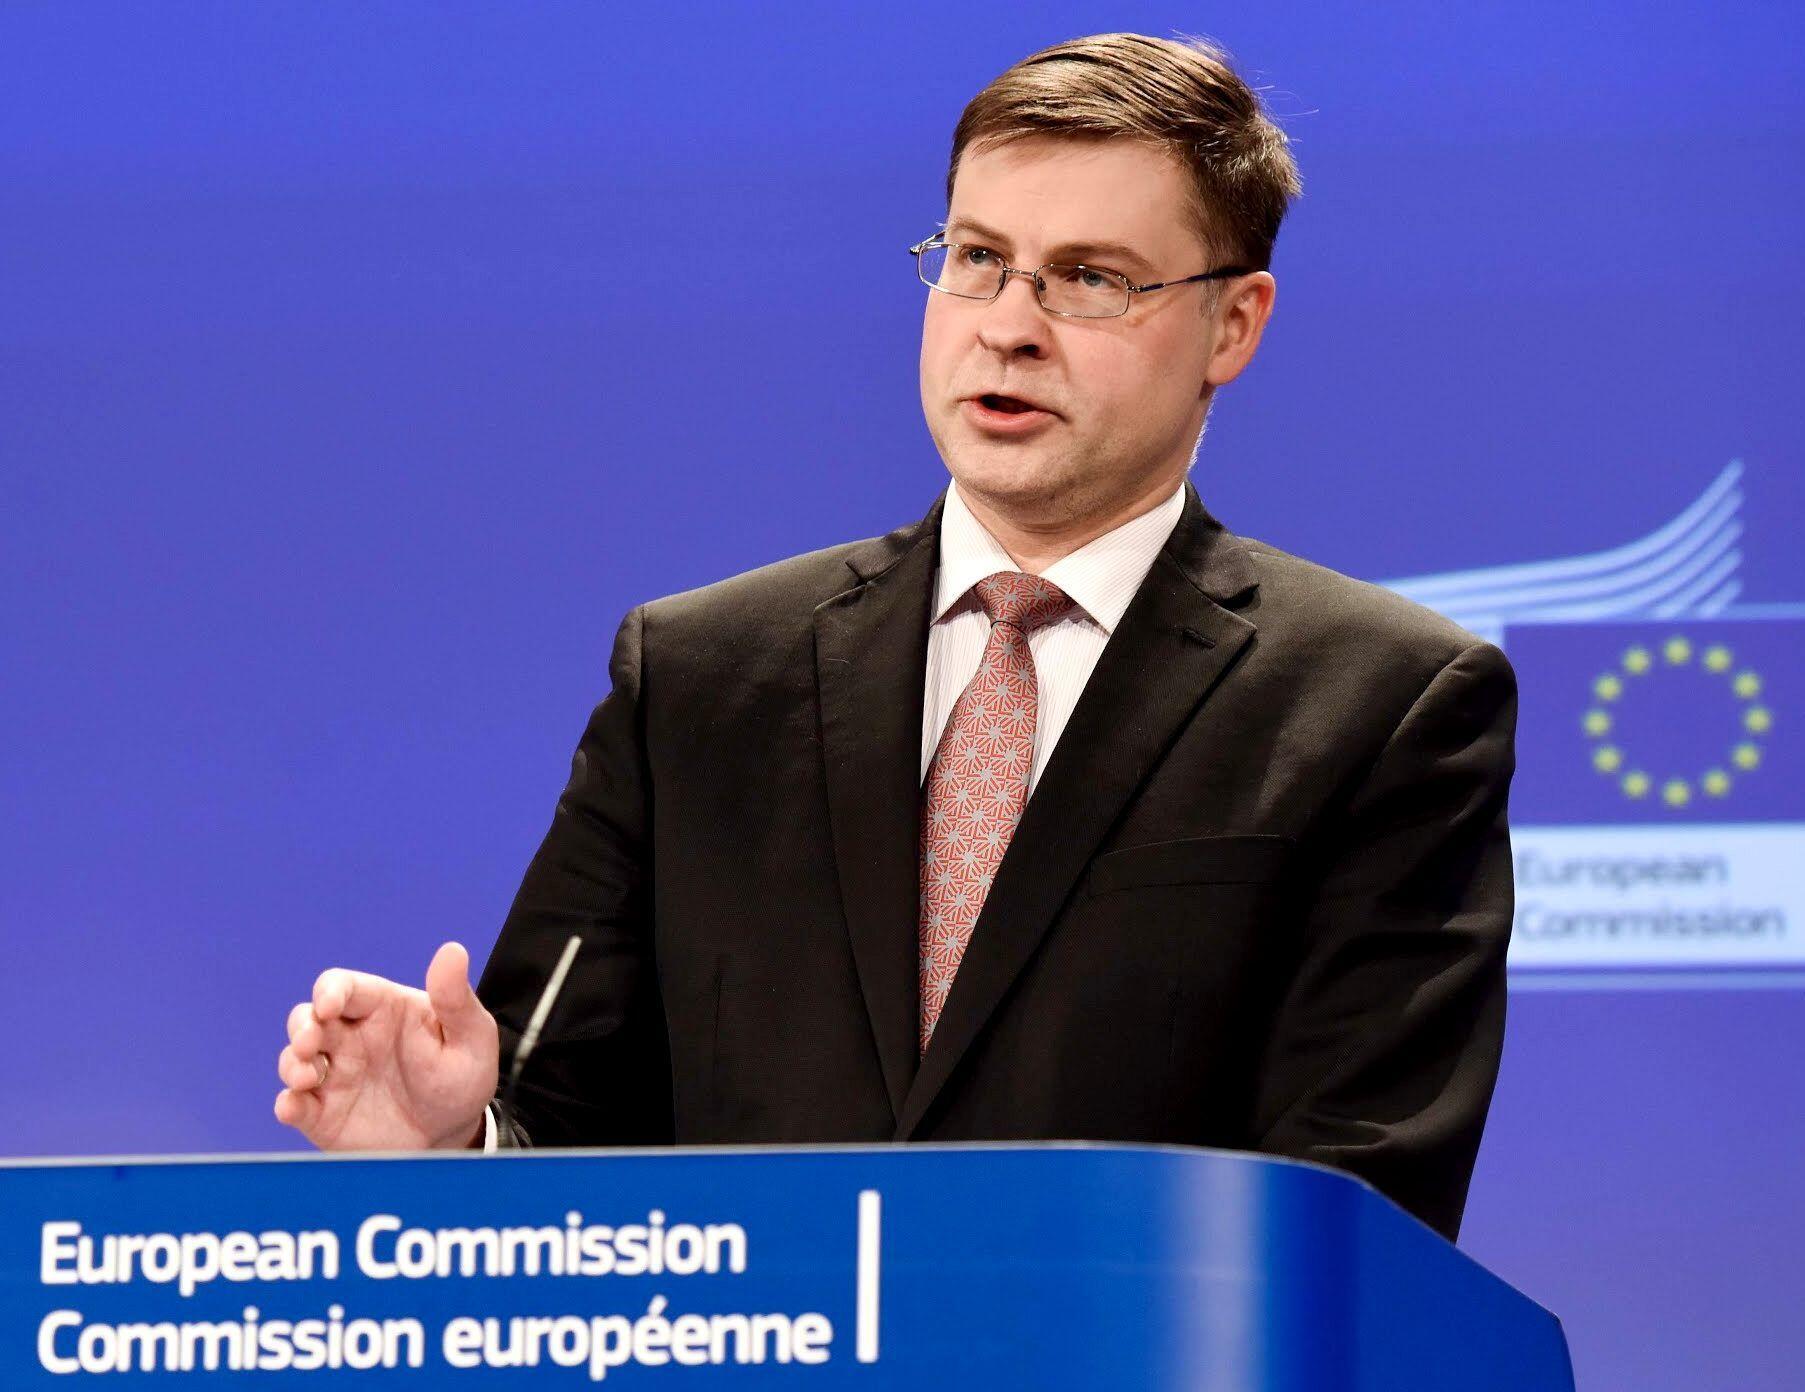 """""""Un número cada vez mayor de países y partes interesadas de la UE subrayan la importancia del desarrollo sostenible en los países del Mercosur"""", dijo el Comisario de Comercio de la UE, Valdis Dombrovskis."""